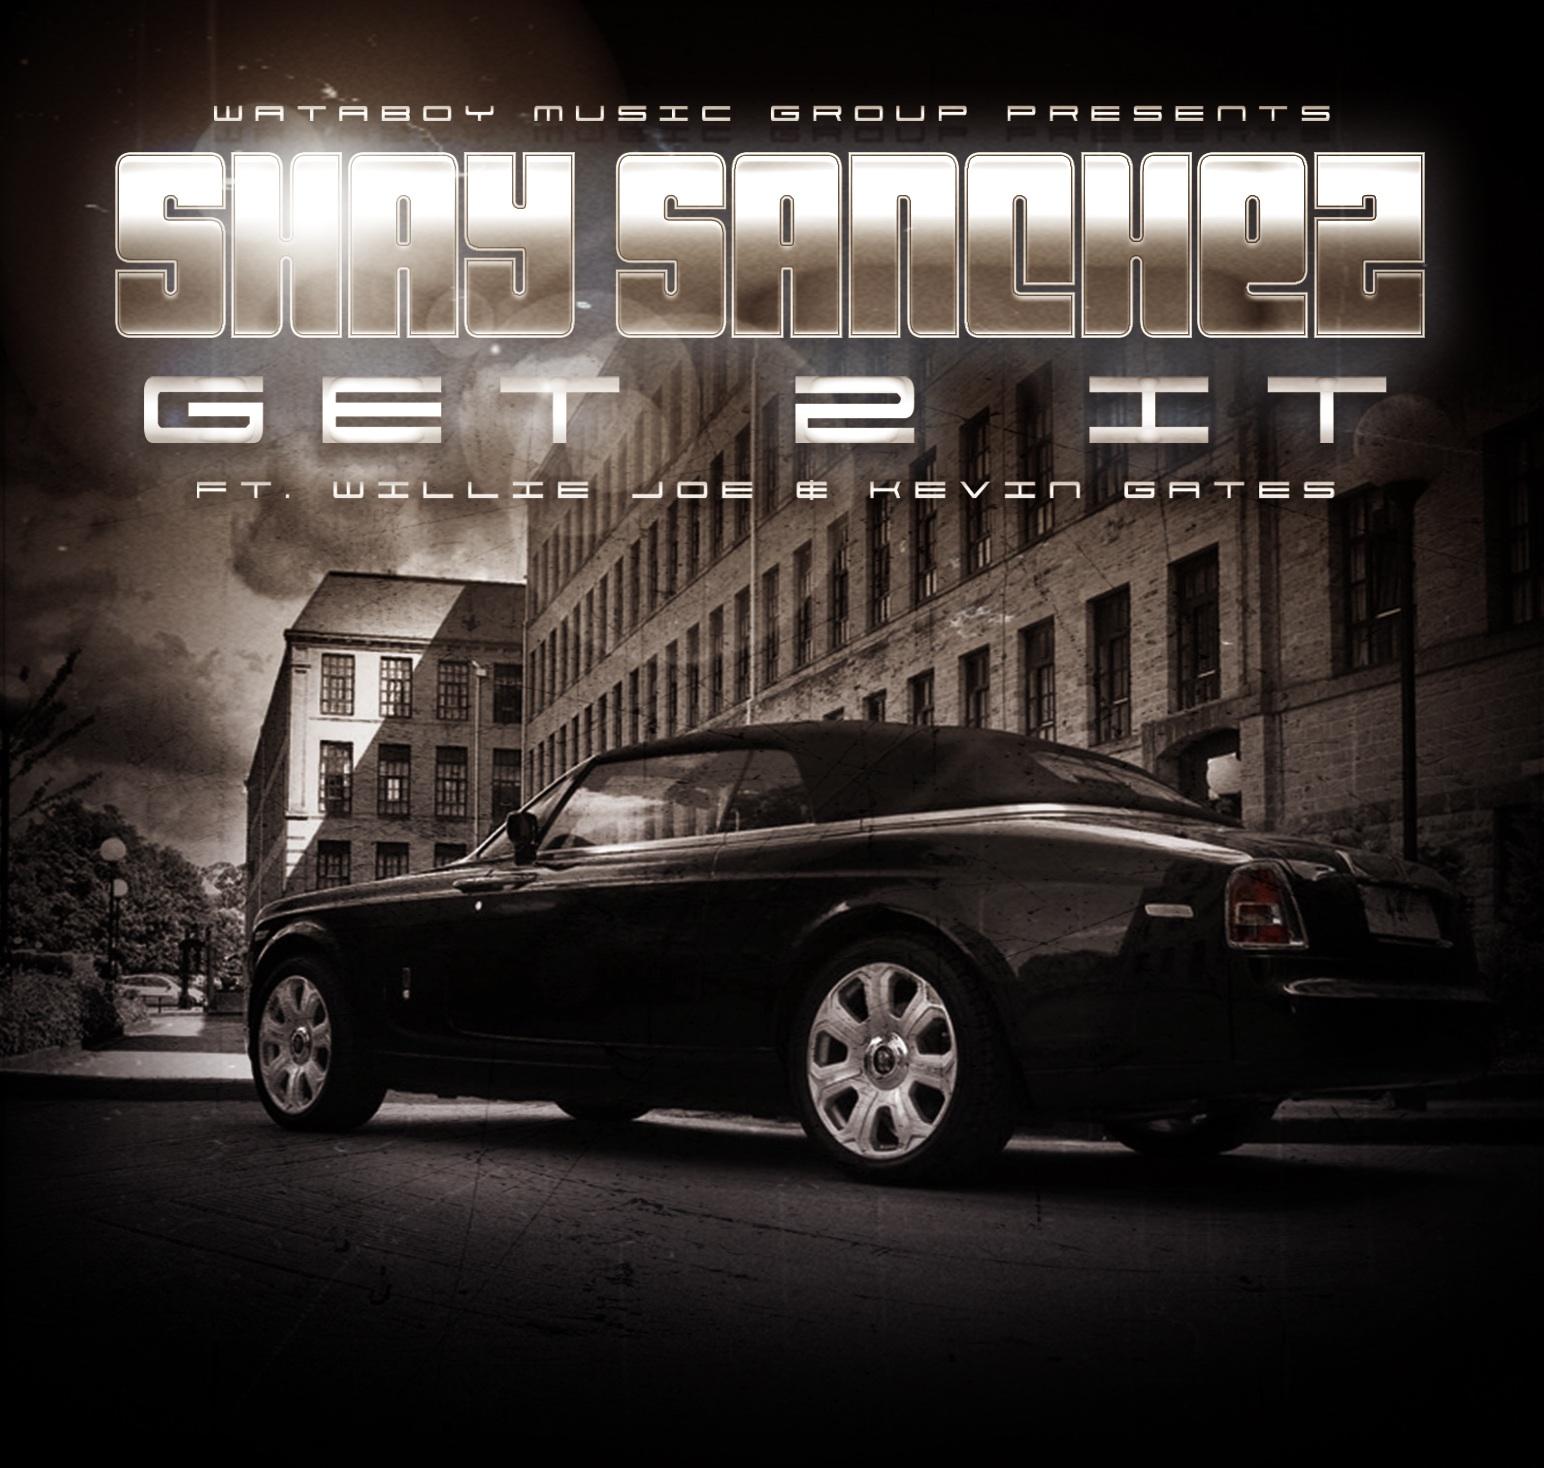 Shay Sanchez ft. Willie Joe & Kevin Gates - Get 2 It [Thizzler.com Exclusive]